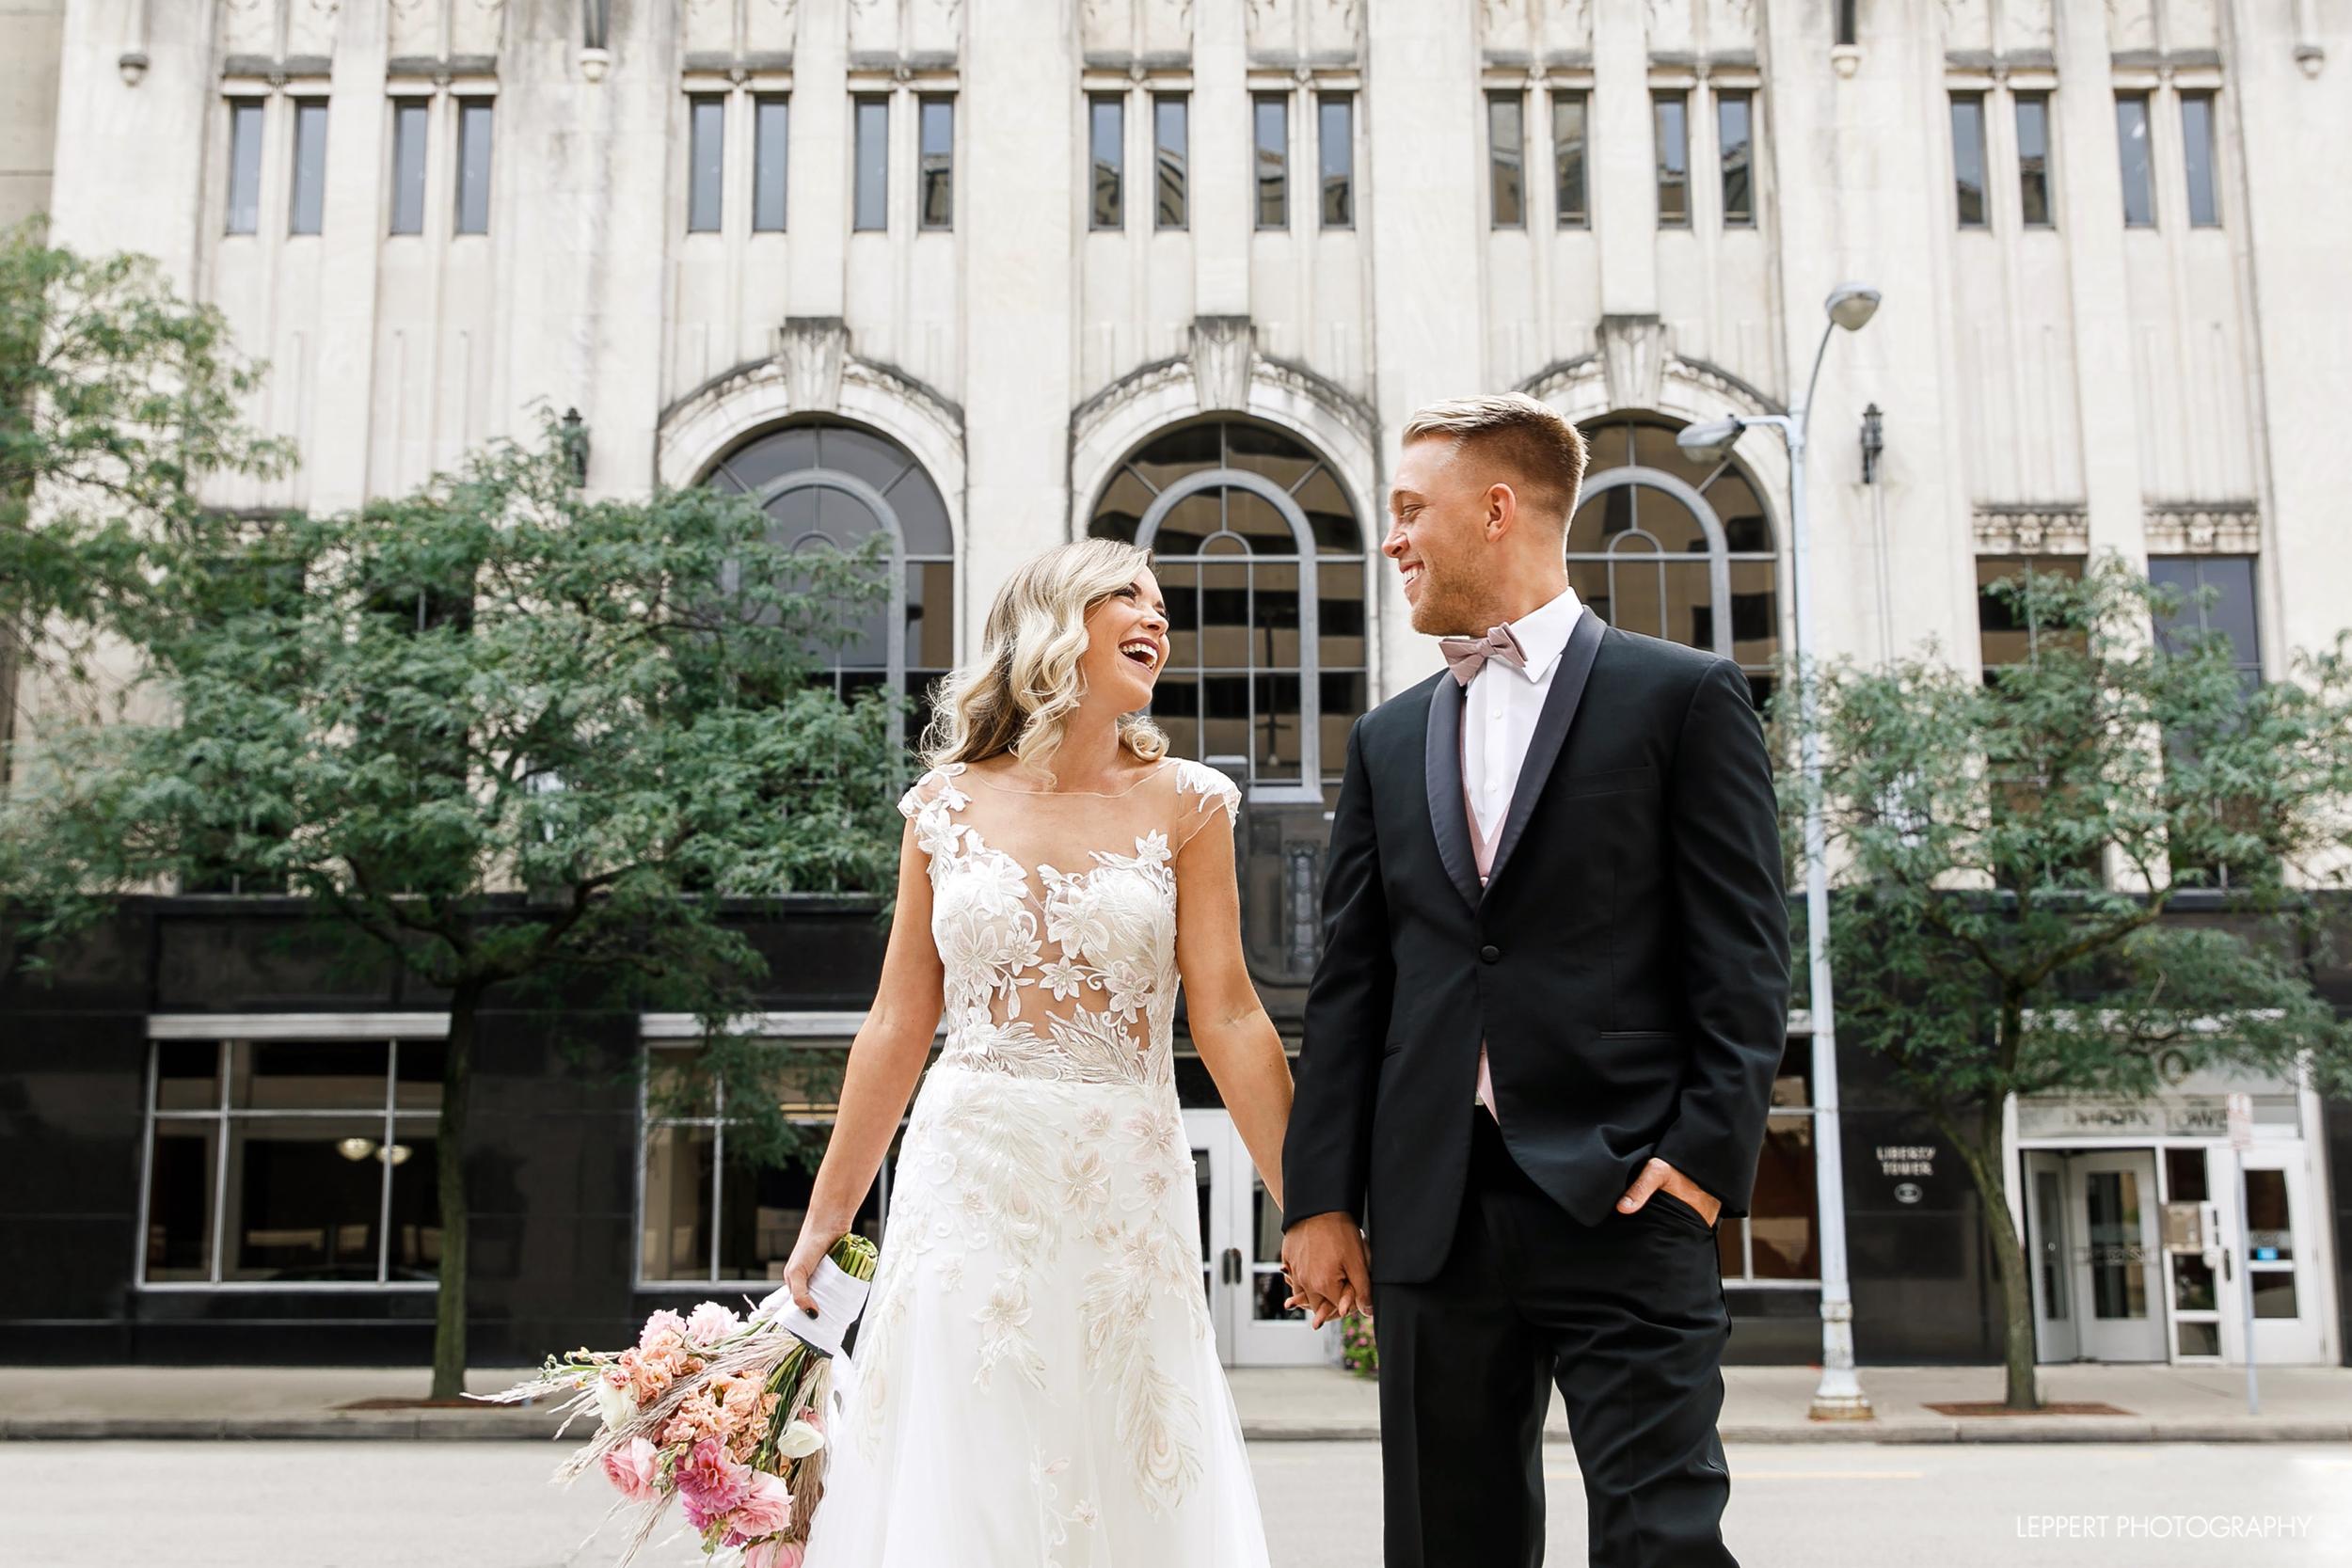 wedding-photography-reception-venue-dayton-cincinnati-ohio.png